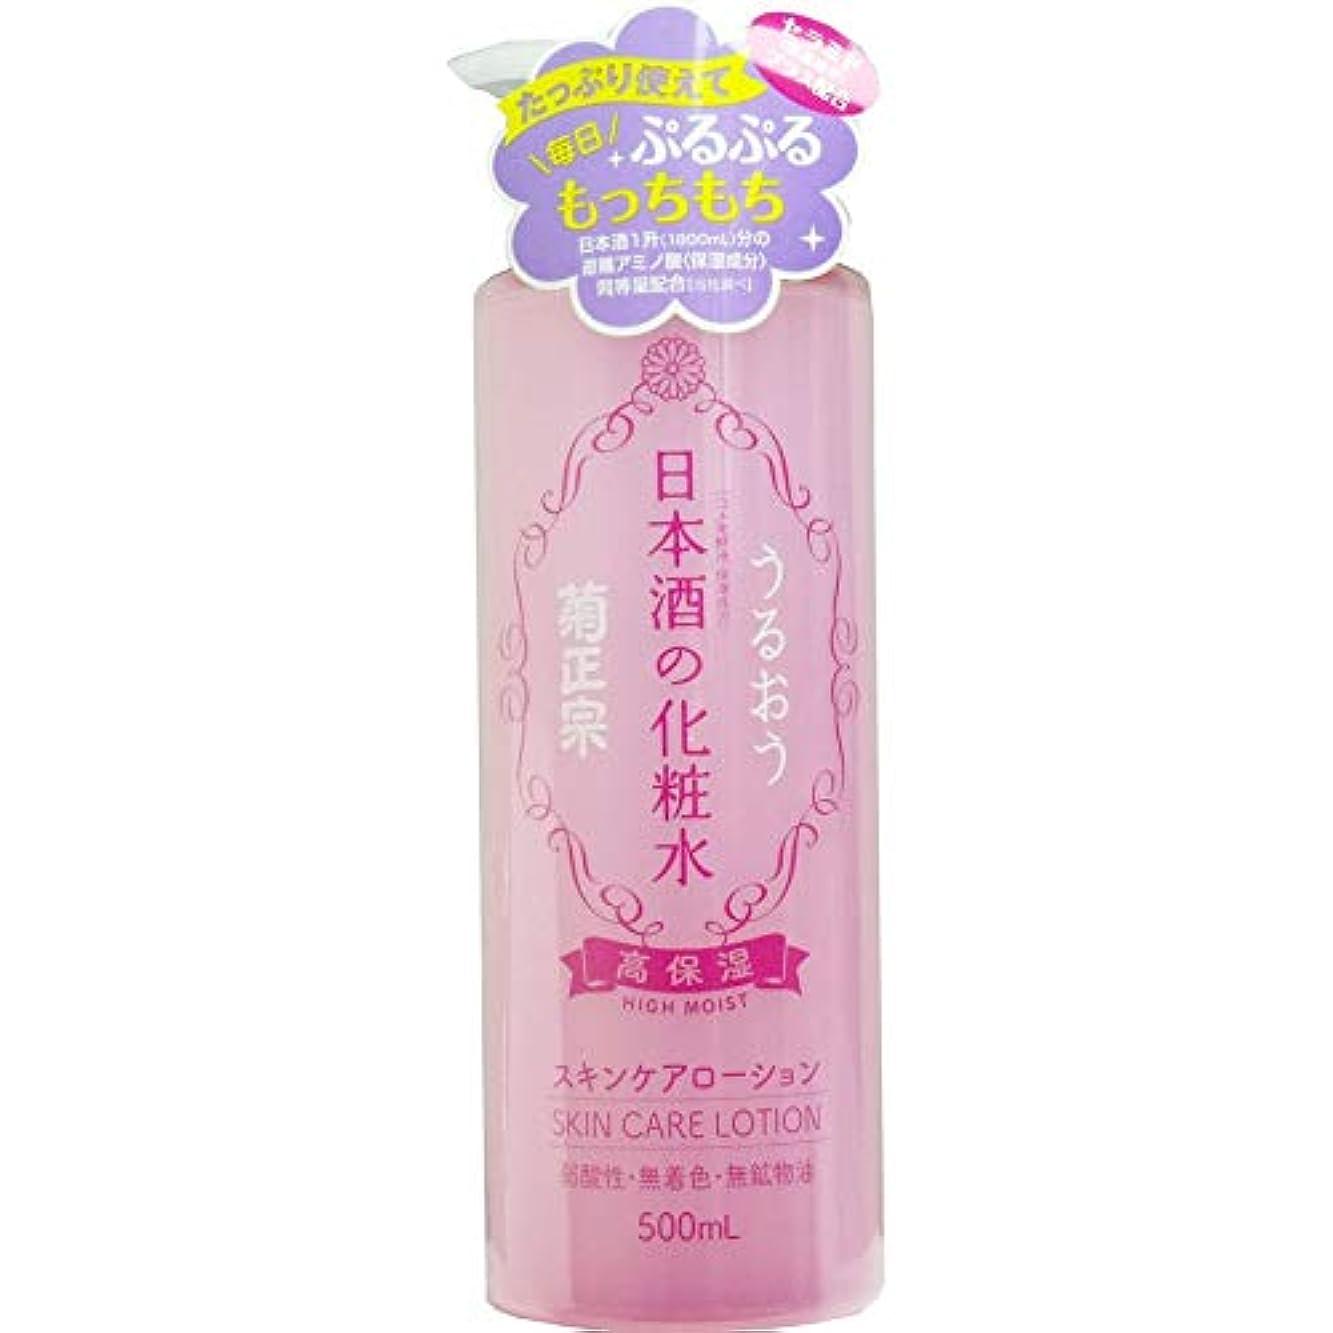 アイデアキャンベラ日本酒の化粧水 菊政宗 化粧水 500ml×2本セット